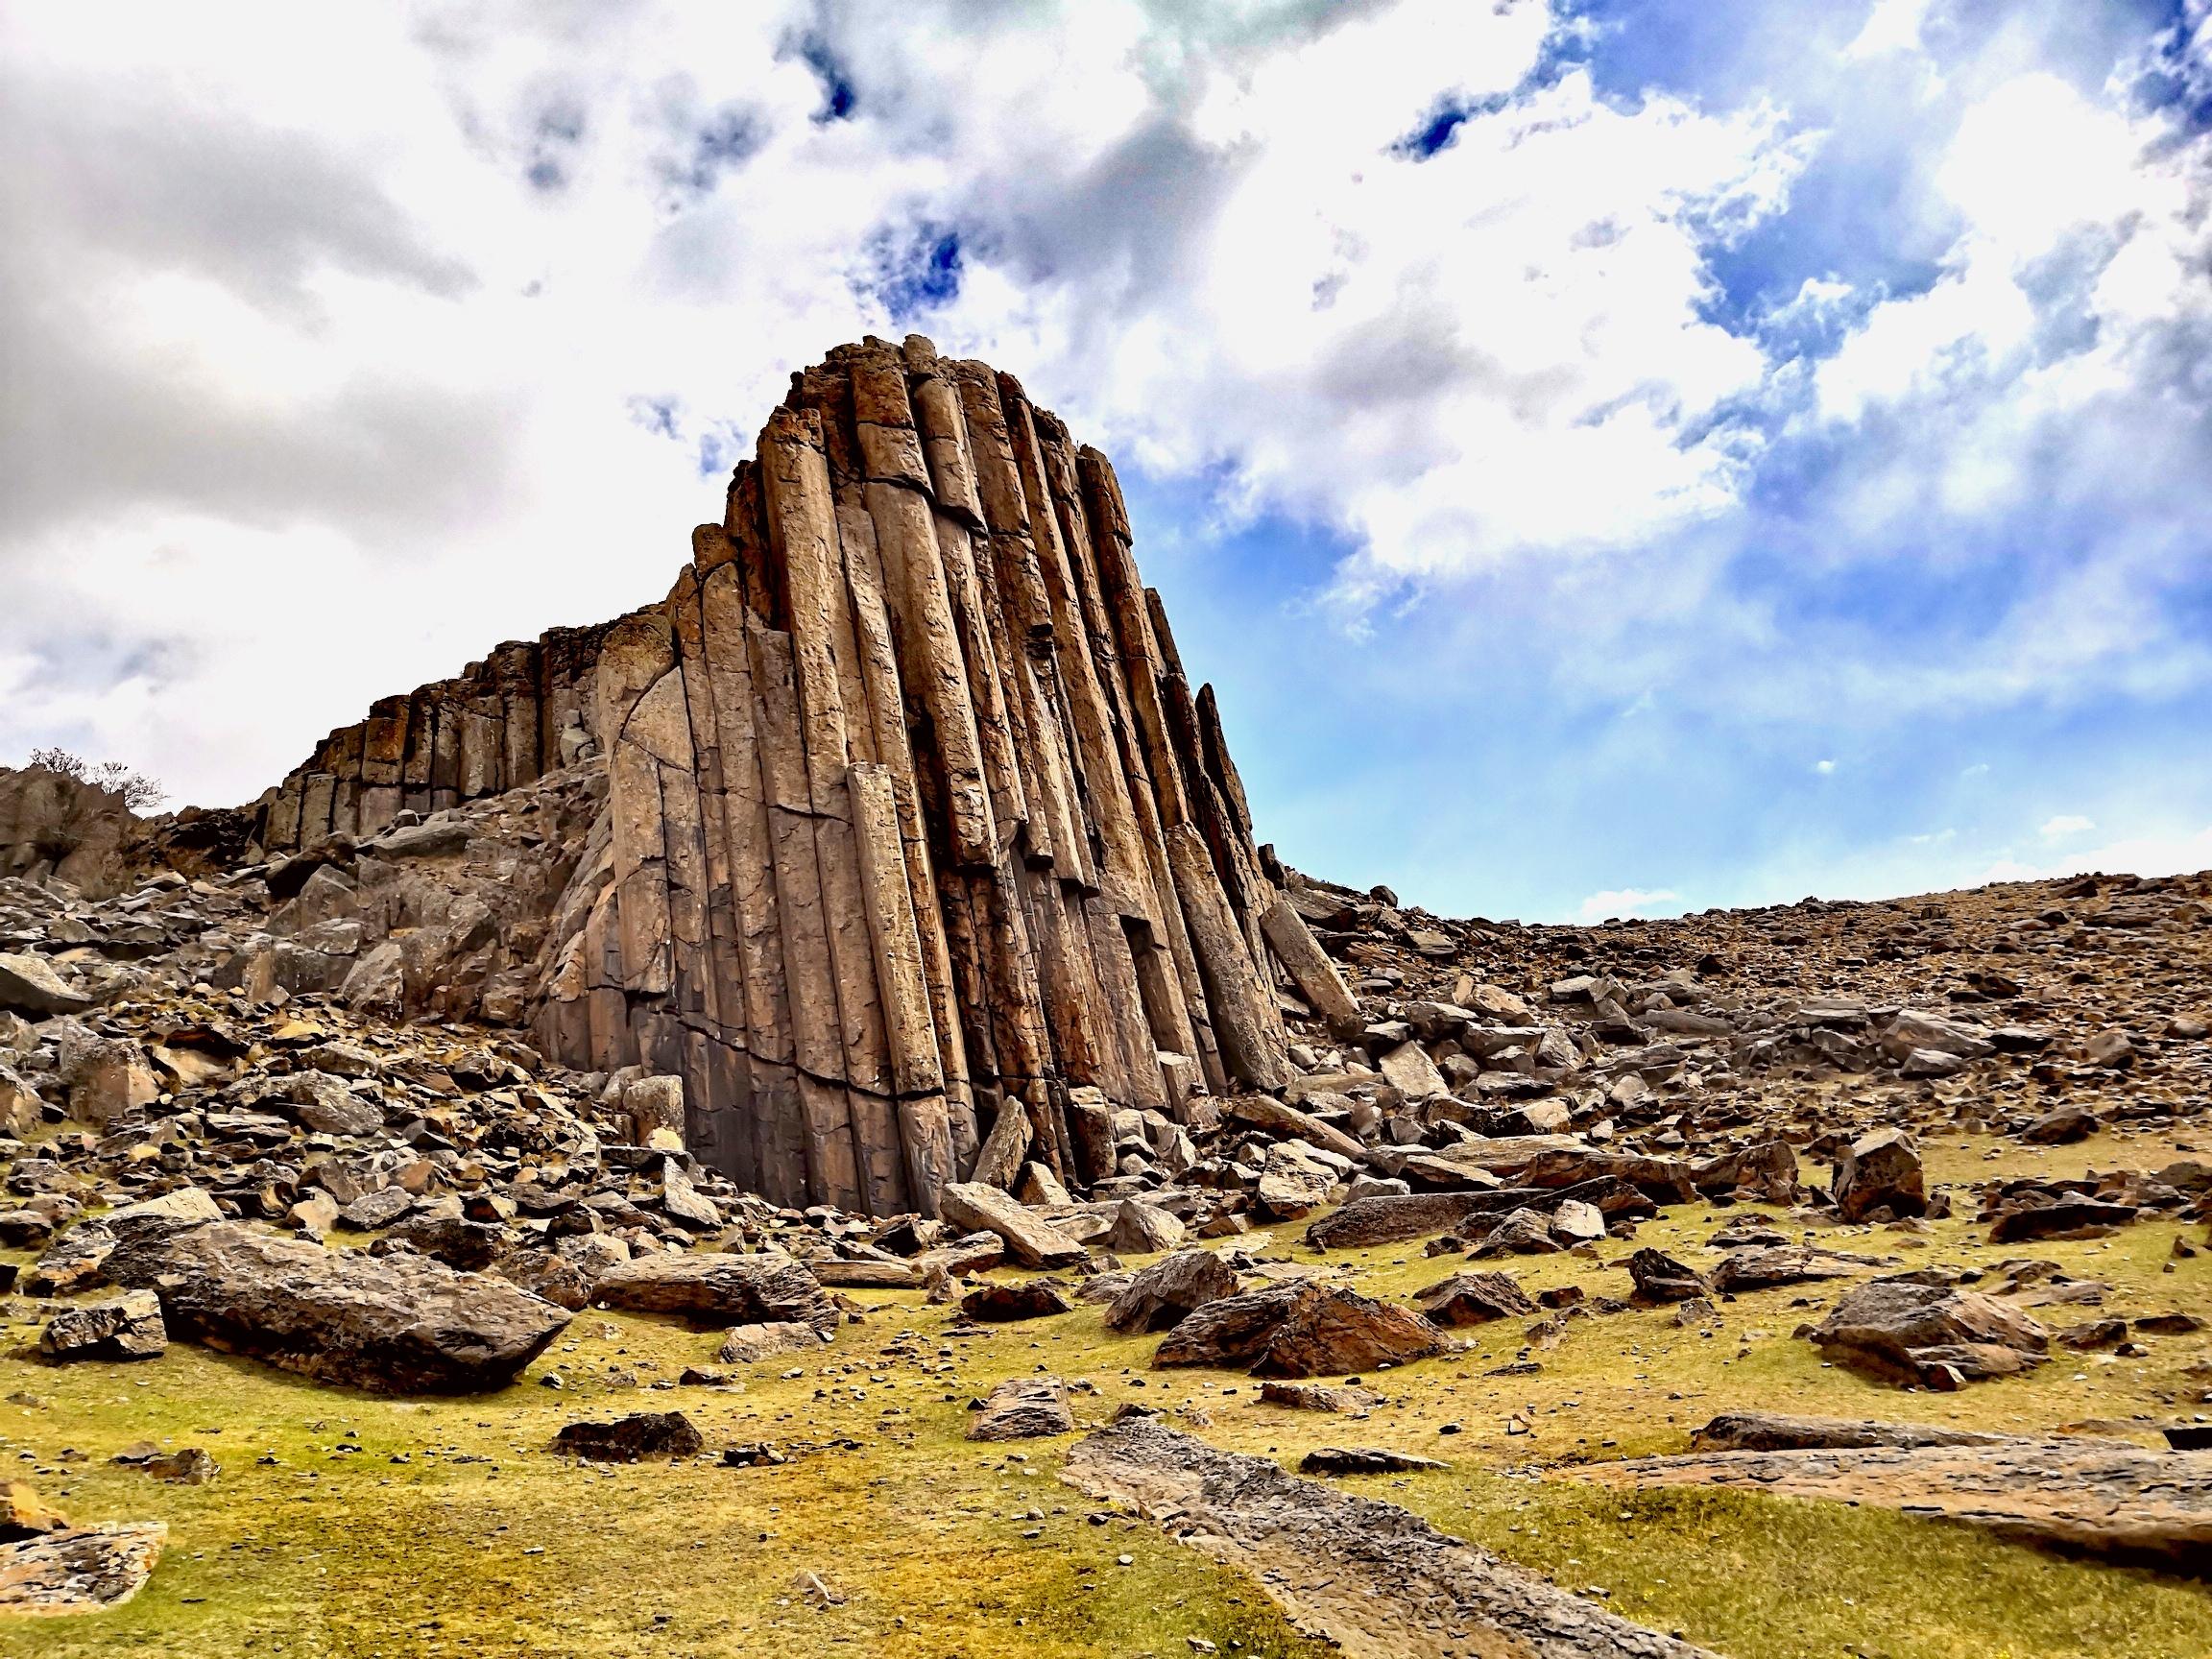 鏡頭帶你探訪內蒙古石條山 感受不同拍攝角度的震撼